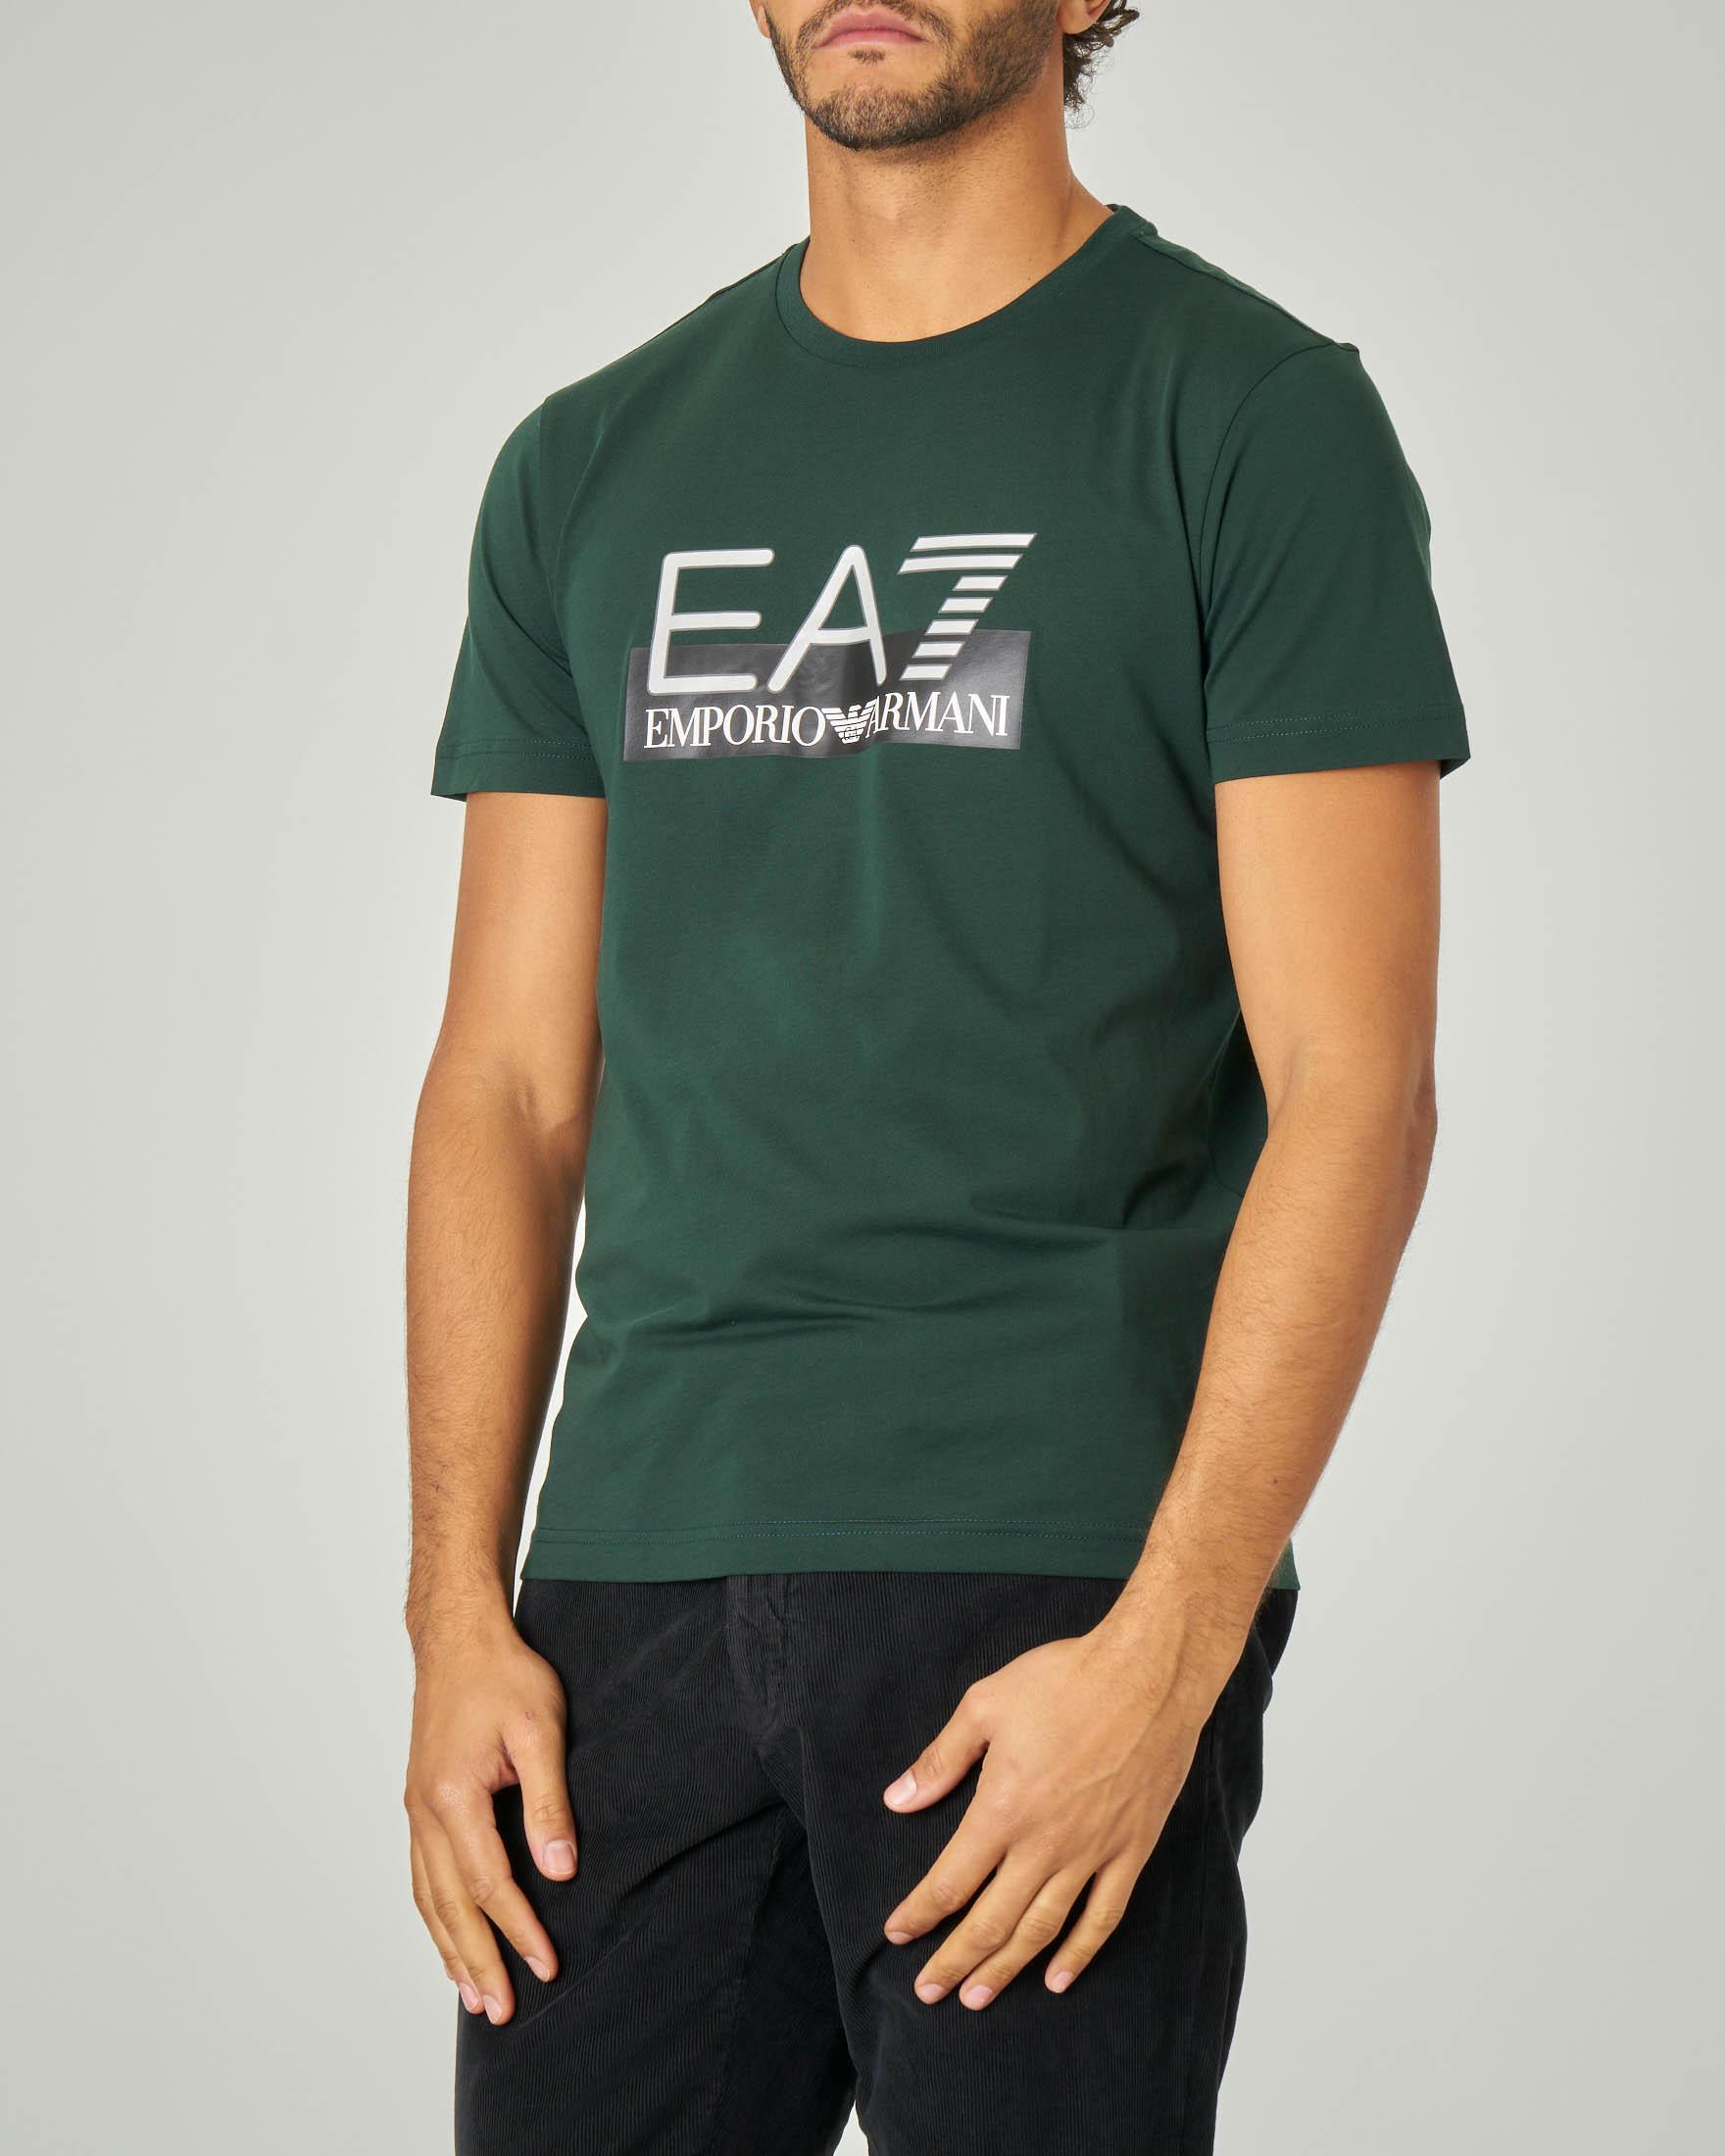 T-shirt verde con logo EA7 sul petto